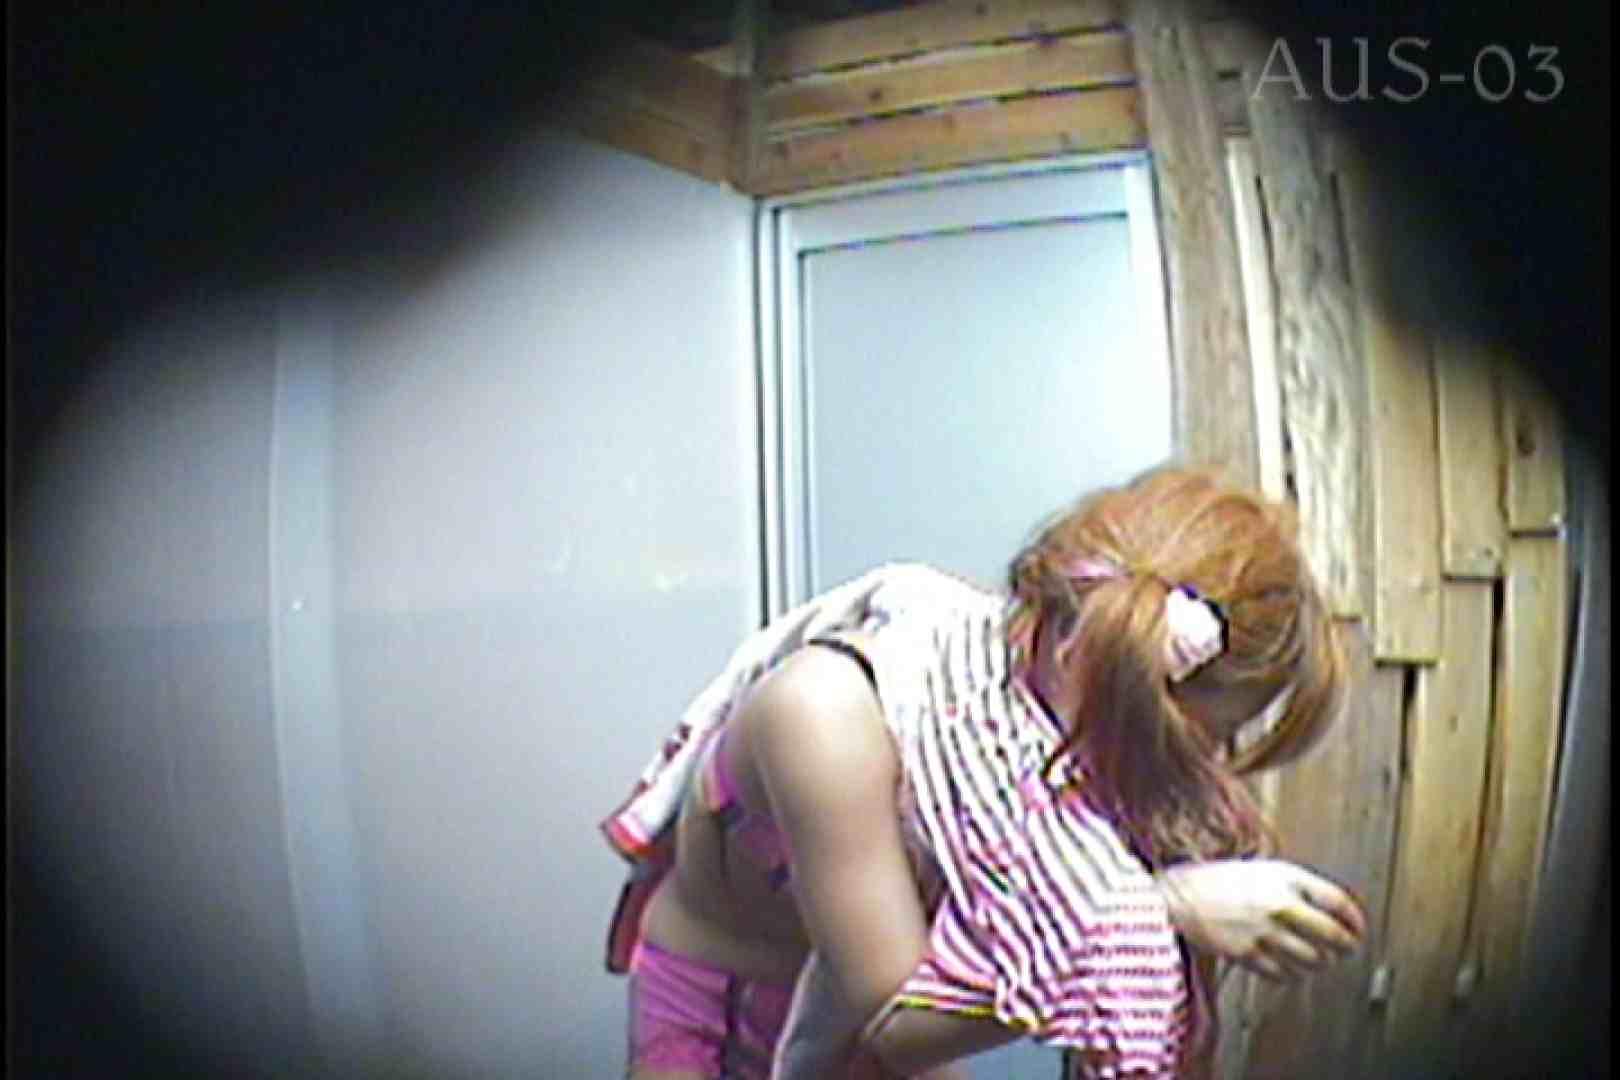 海の家の更衣室 Vol.14 桃色乳首 われめAV動画紹介 91画像 68